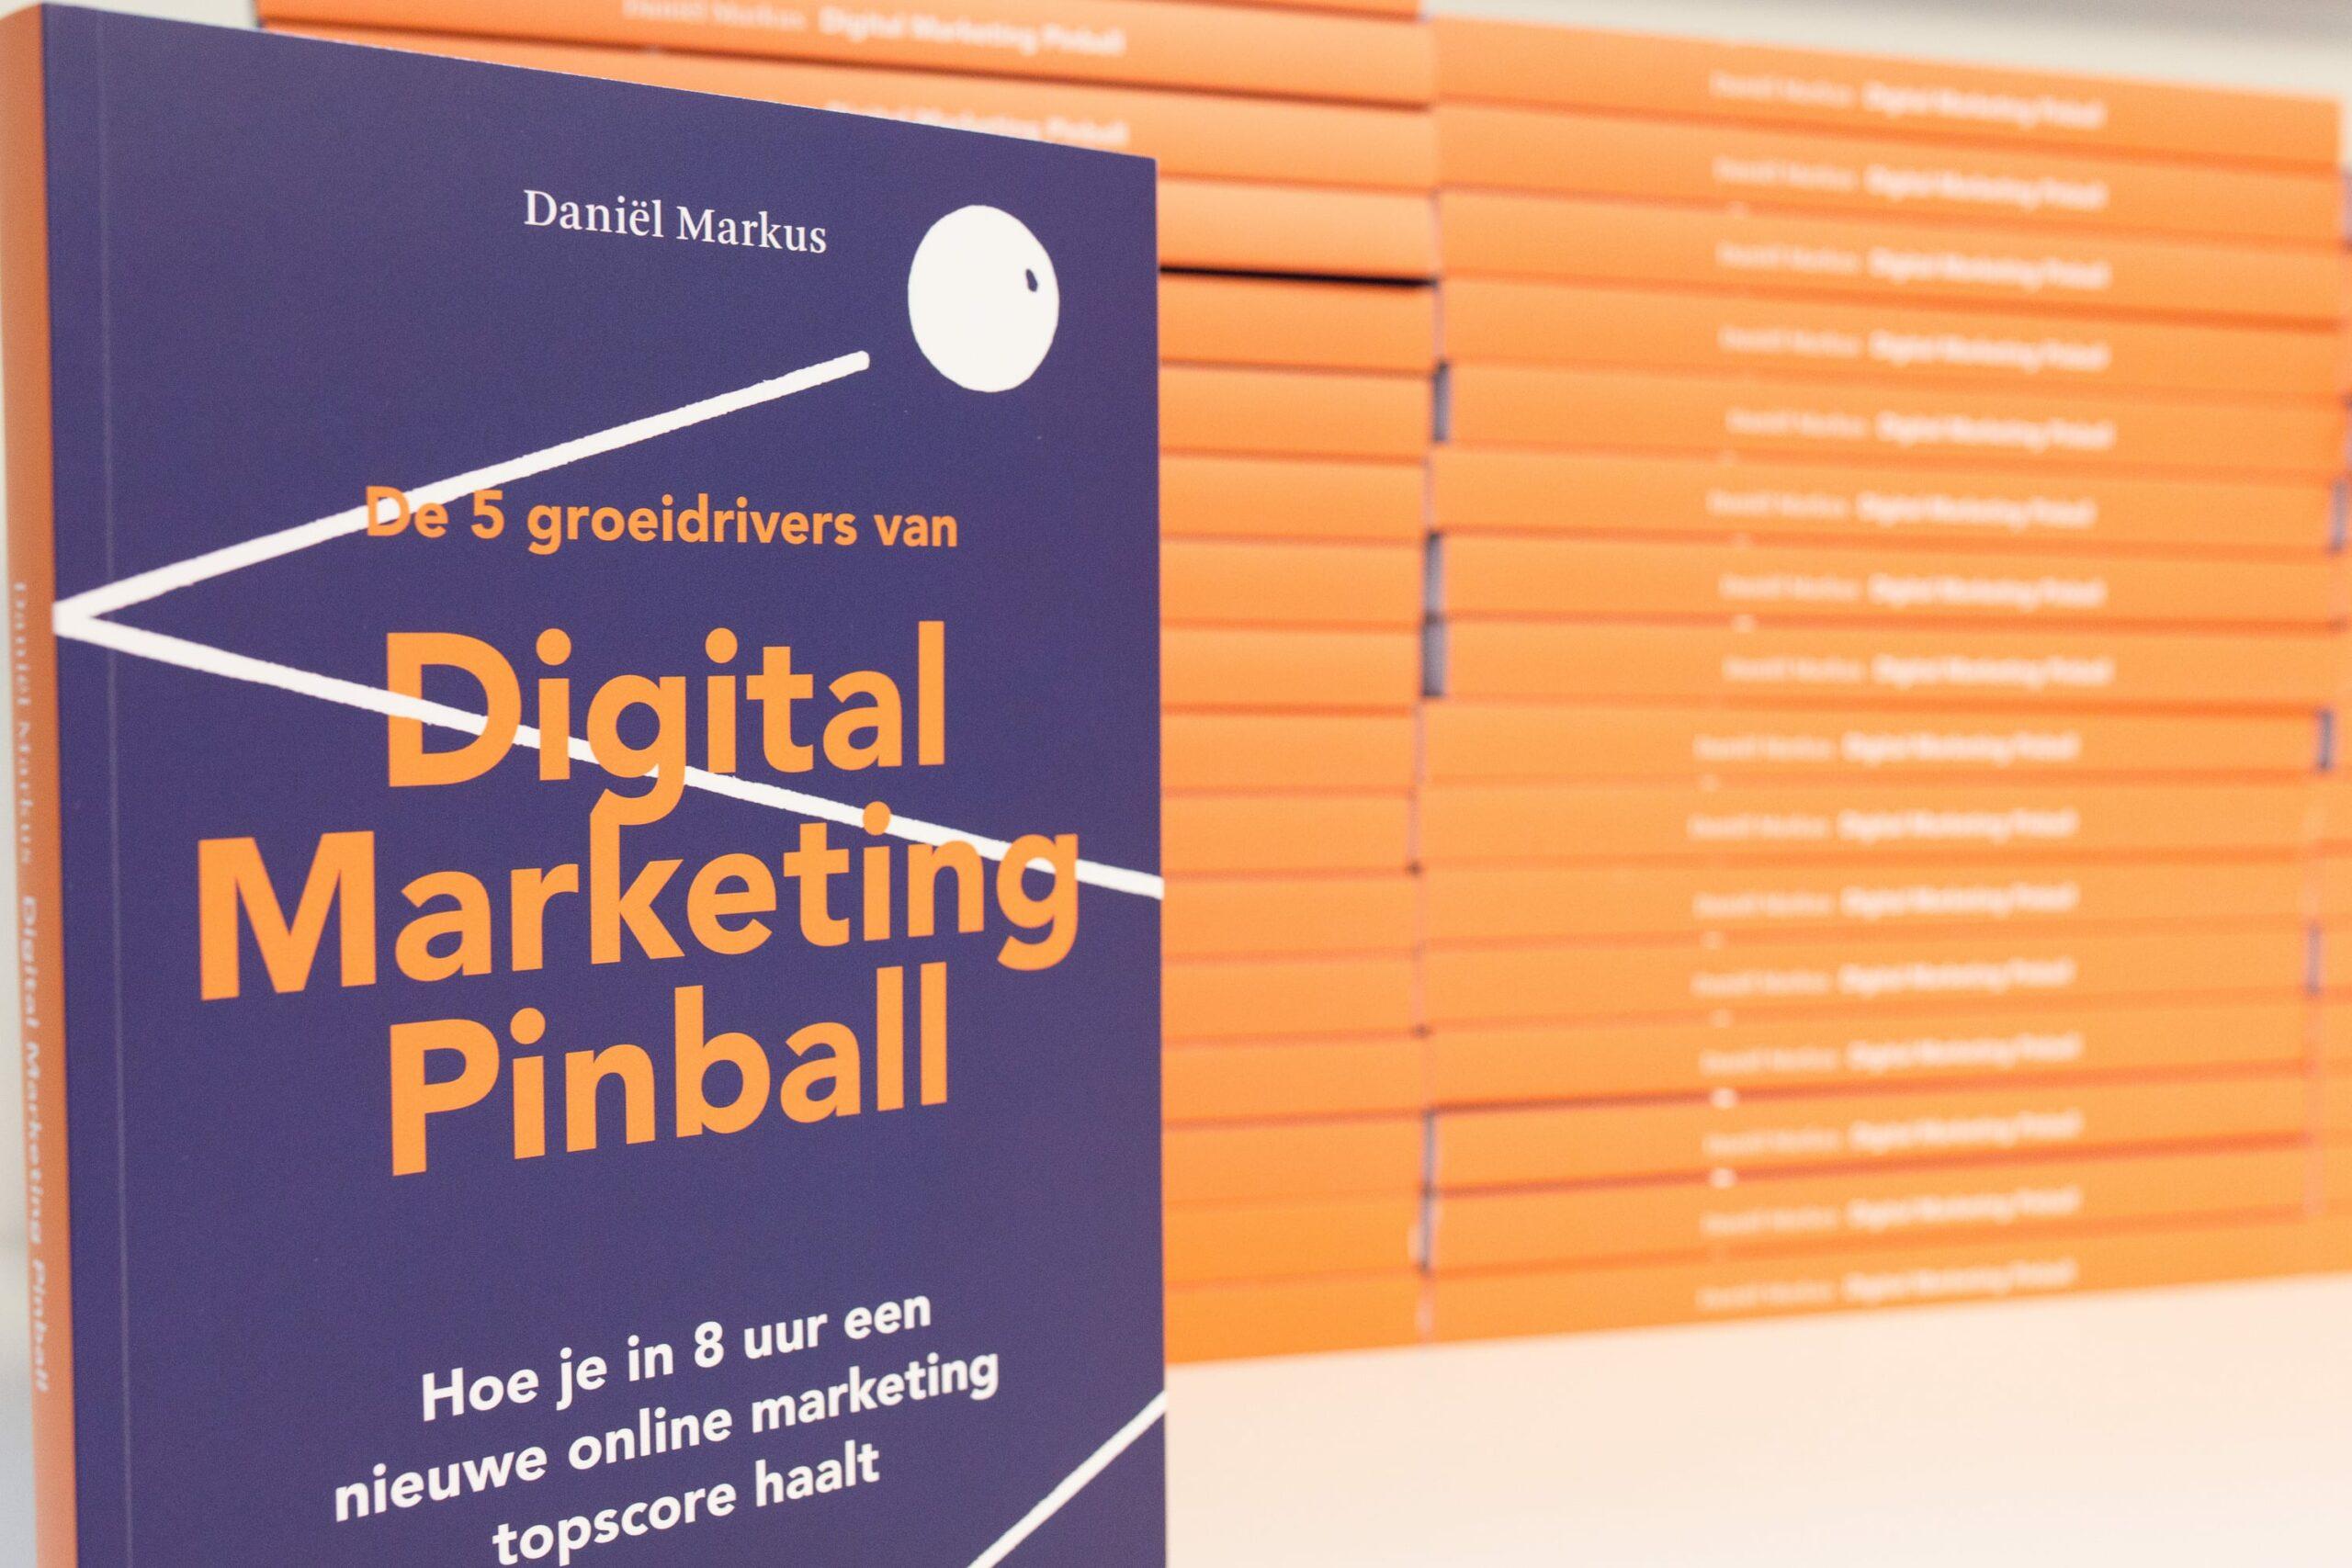 Boekrecensie Registermarketeers: 'Digital Marketing Pinball'